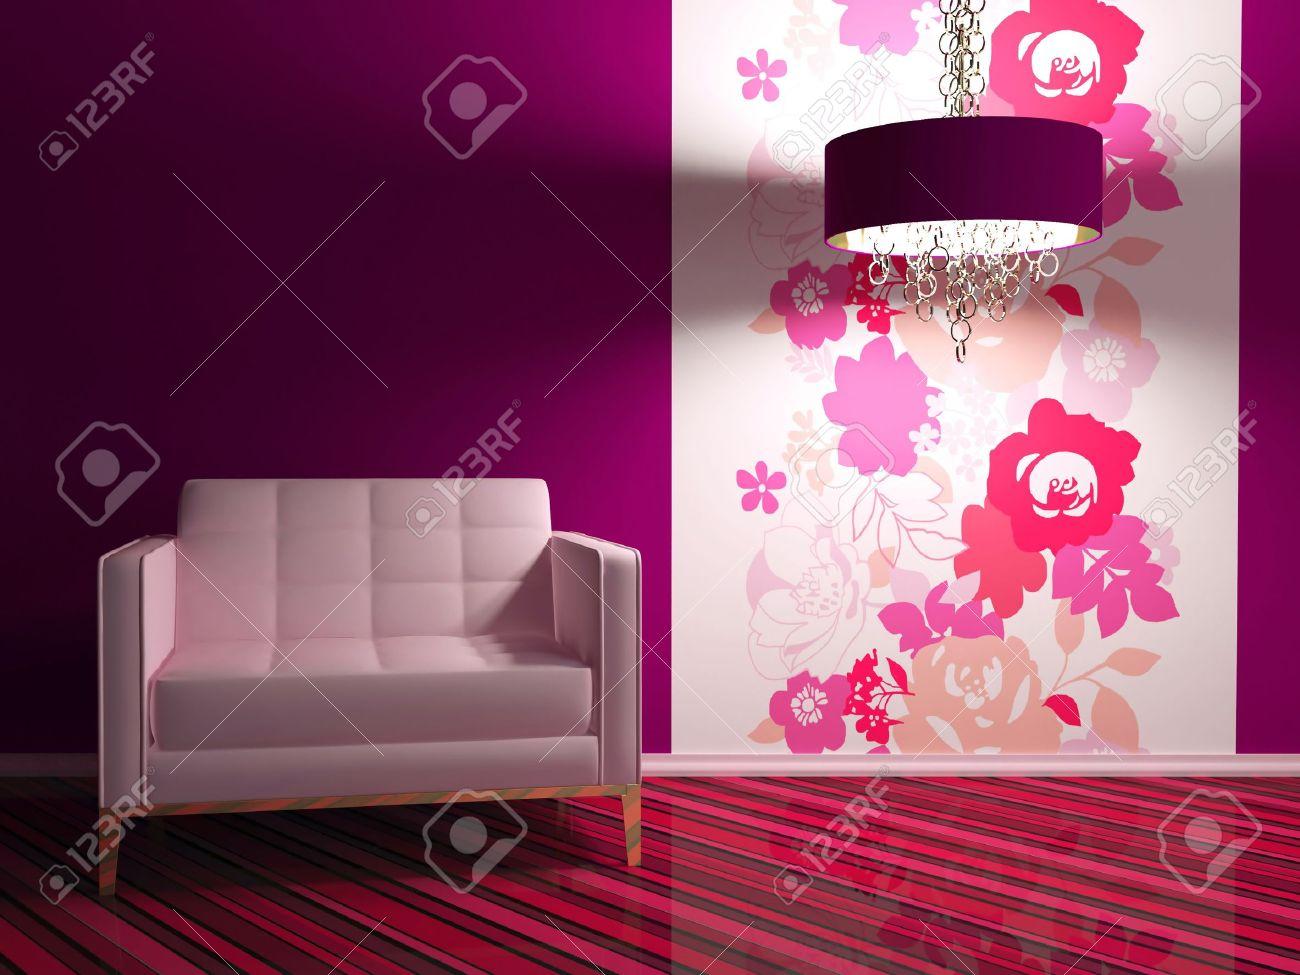 Licht Interieur Ontwerp Van Moderne Woonkamer Met Grote Roze ...